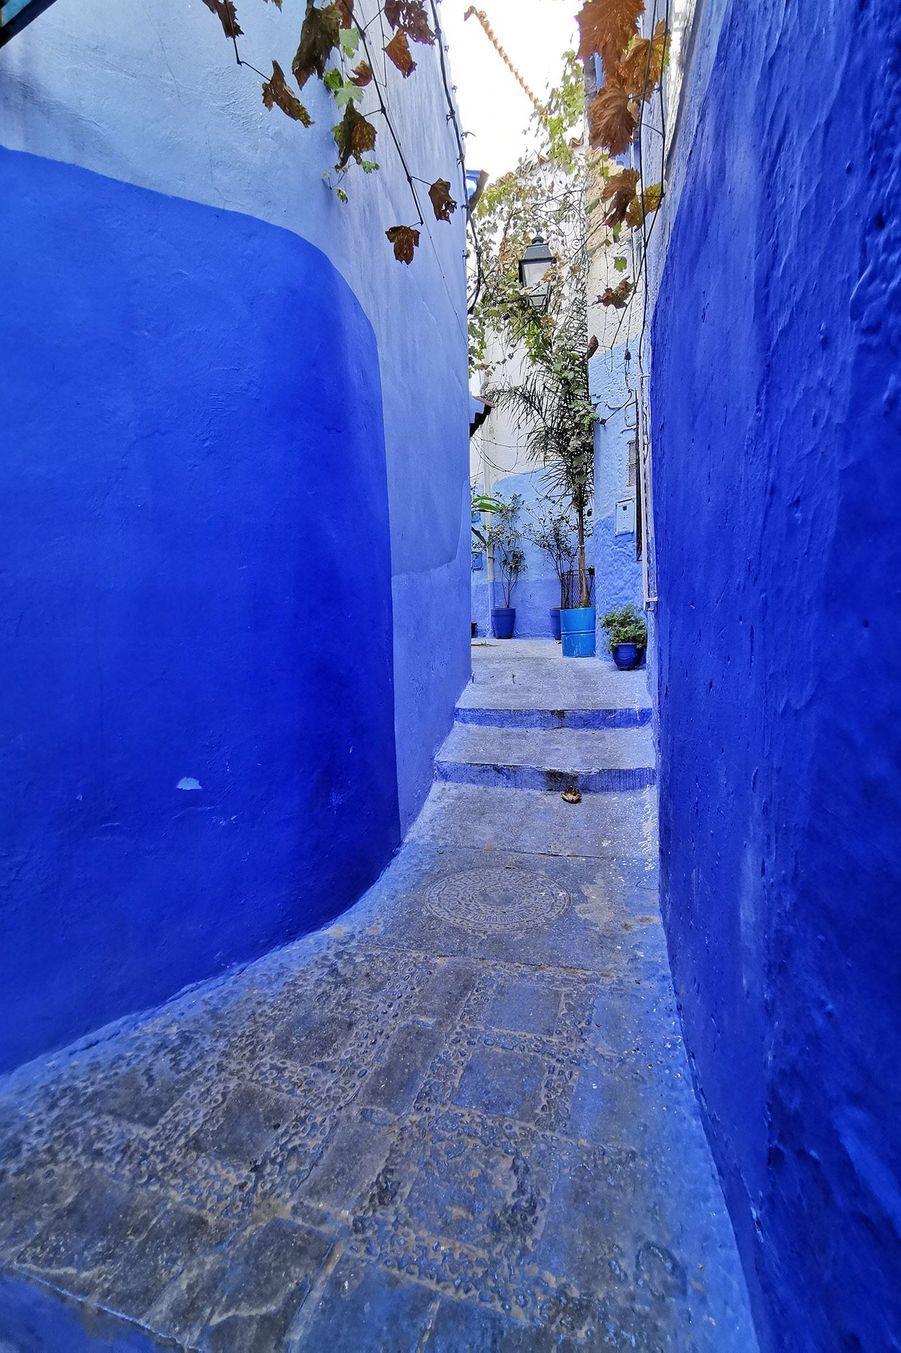 La couleur bleu indigo a fait de Chefchaouen un des lieux les plus photographiés de la planète. Cette cité nichée dans les montagnes du Rif est devenue un des lieux les plus visités du Maroc.